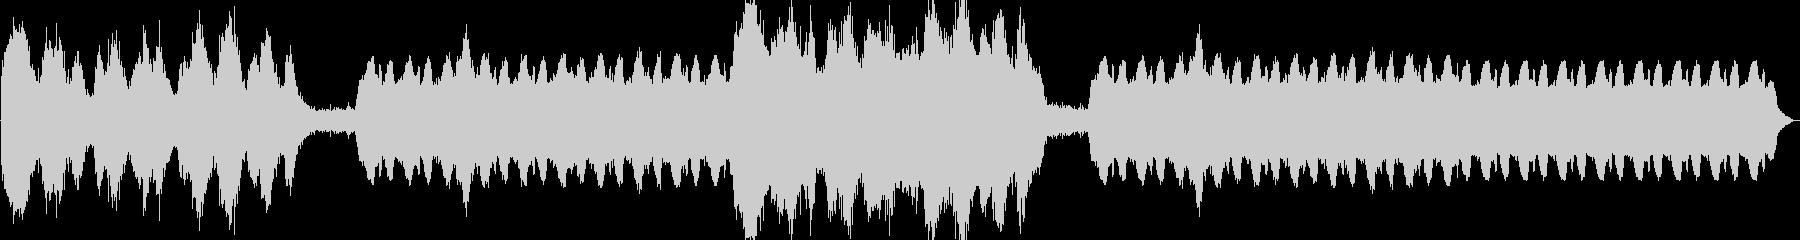 陰鬱としたホラーBGMの未再生の波形